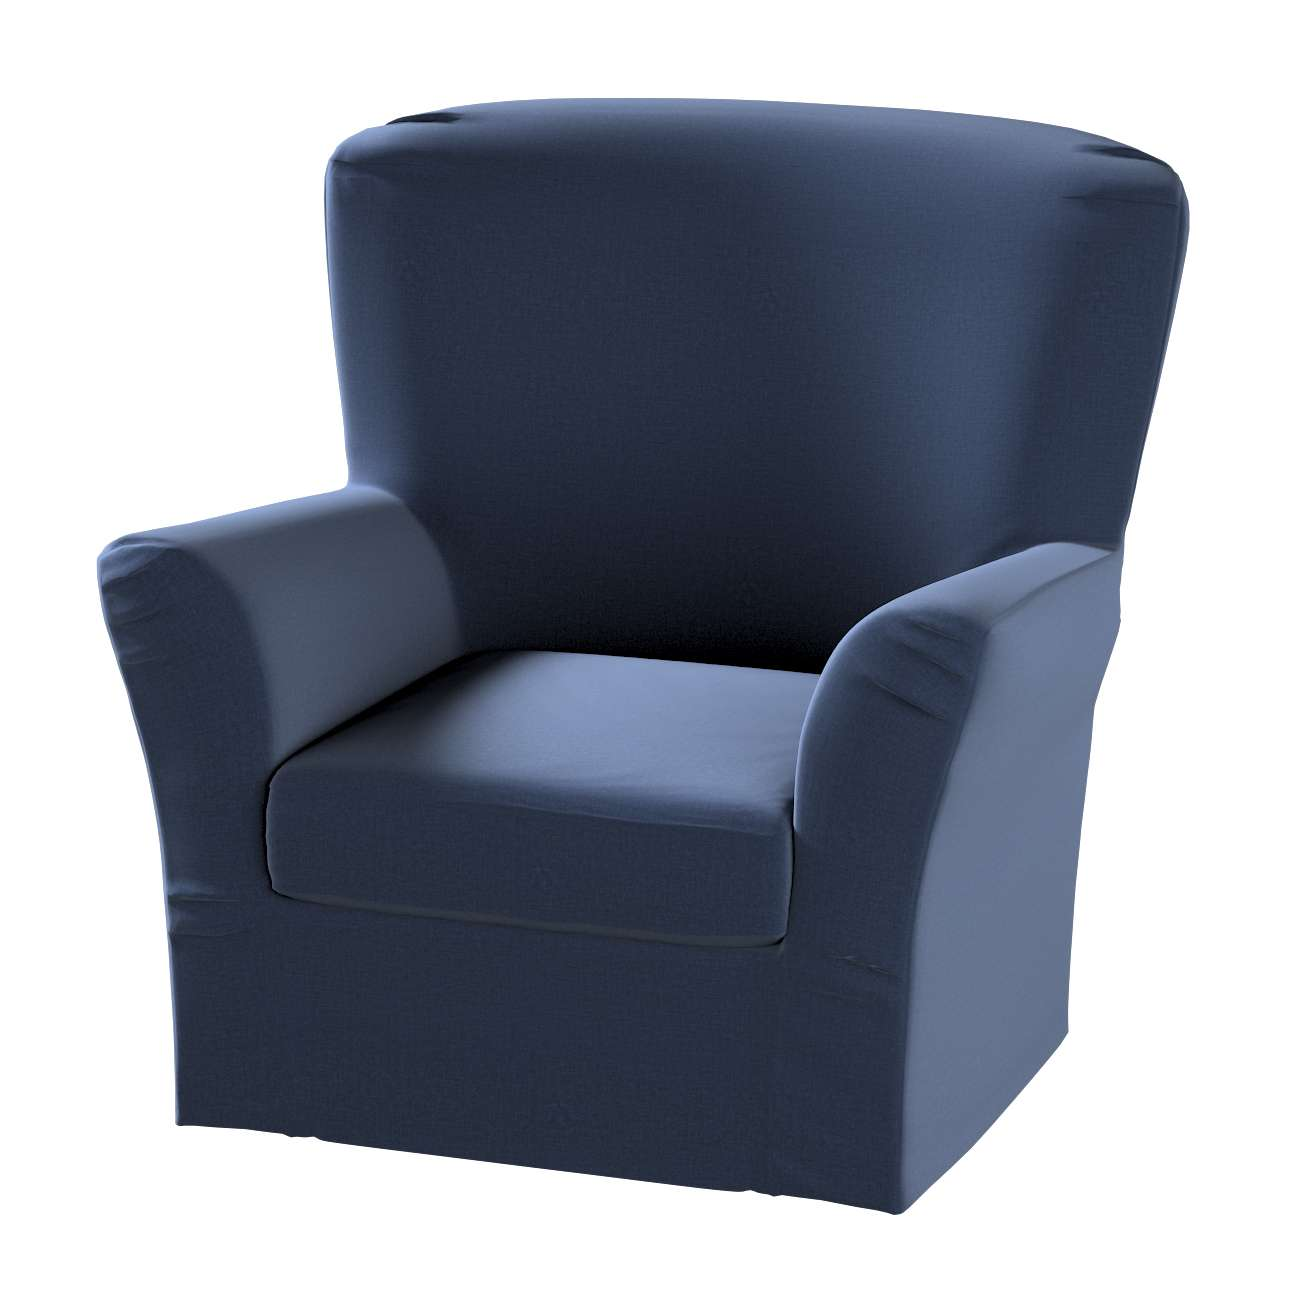 Pokrowiec na fotel Tomelilla z zakładkami w kolekcji Ingrid, tkanina: 705-39